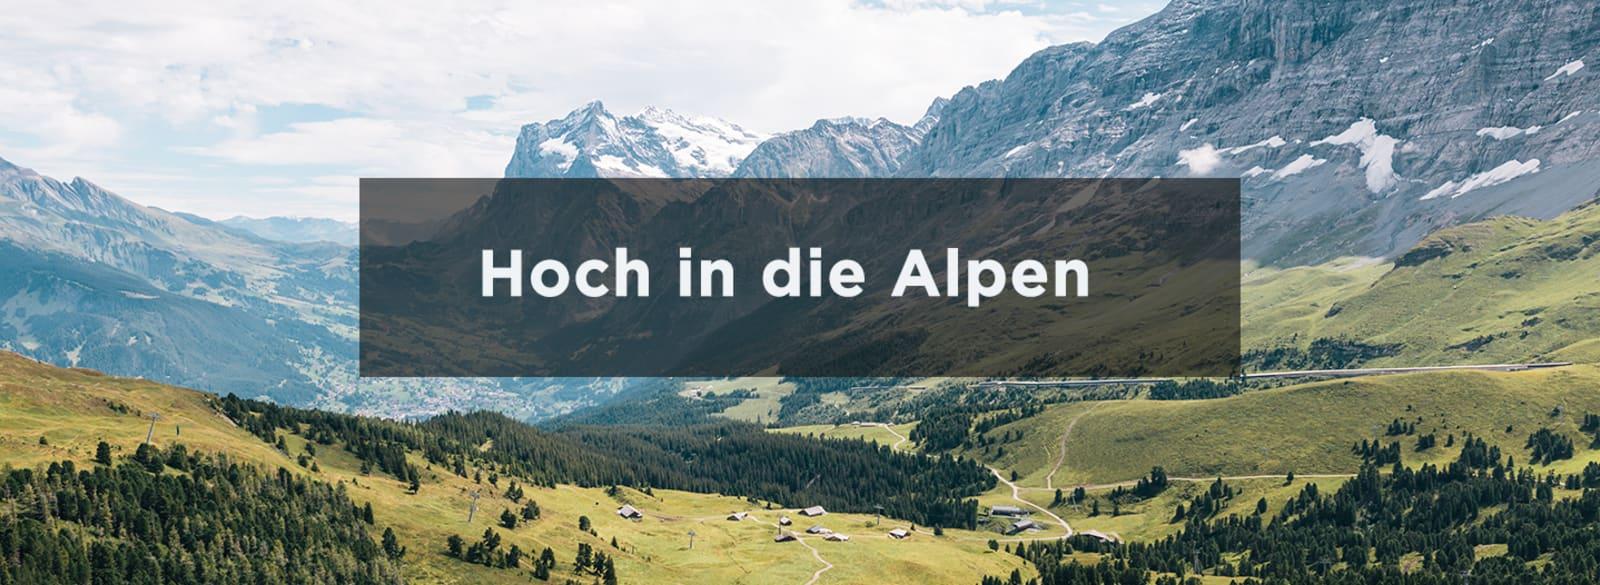 Bild von den Alpen